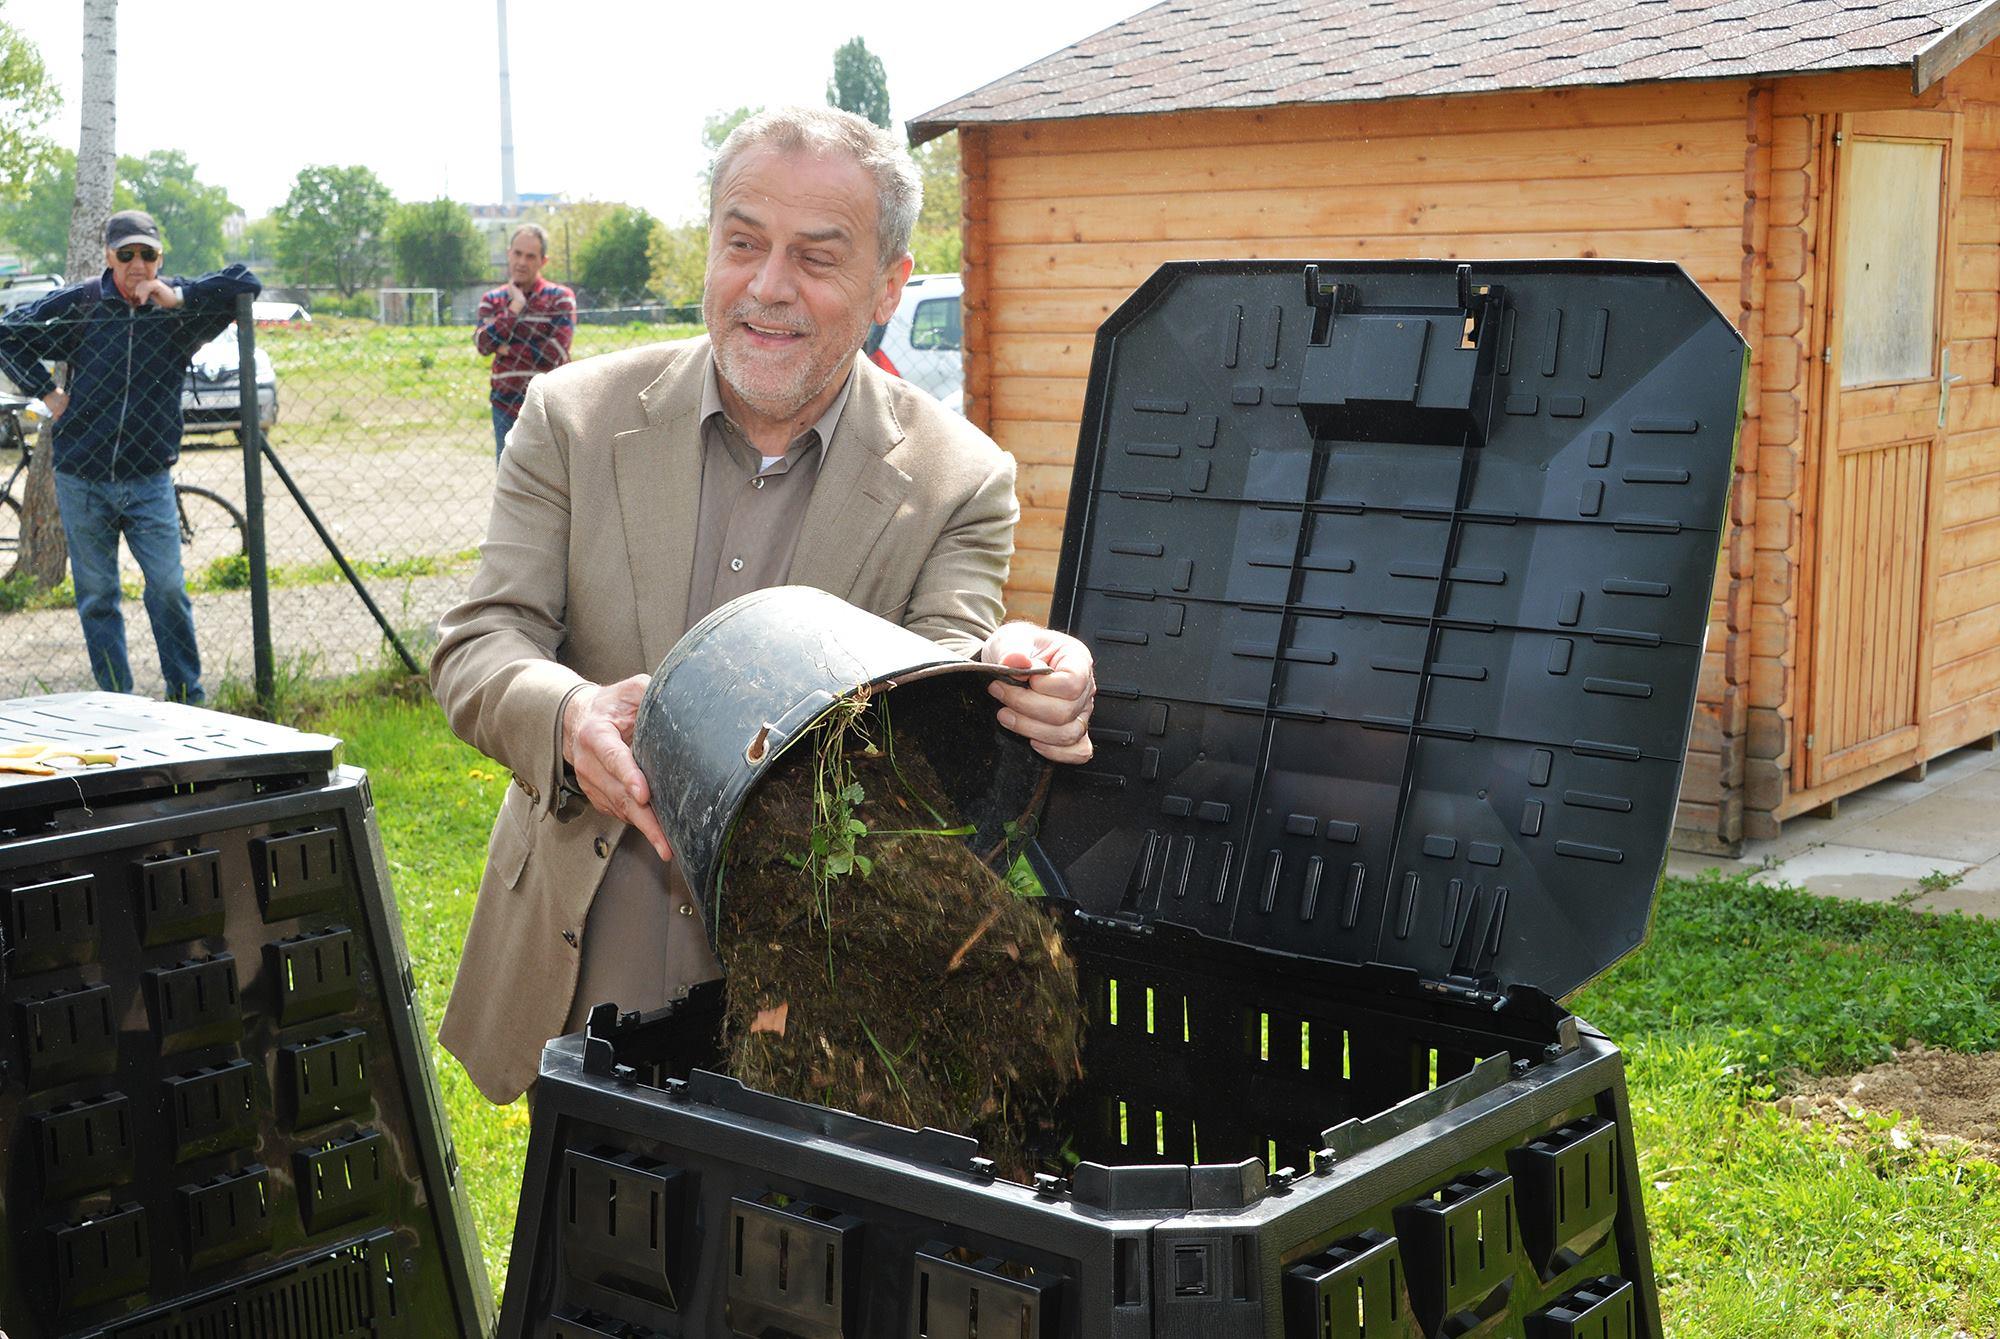 milan bandić, kućno kompostiranje